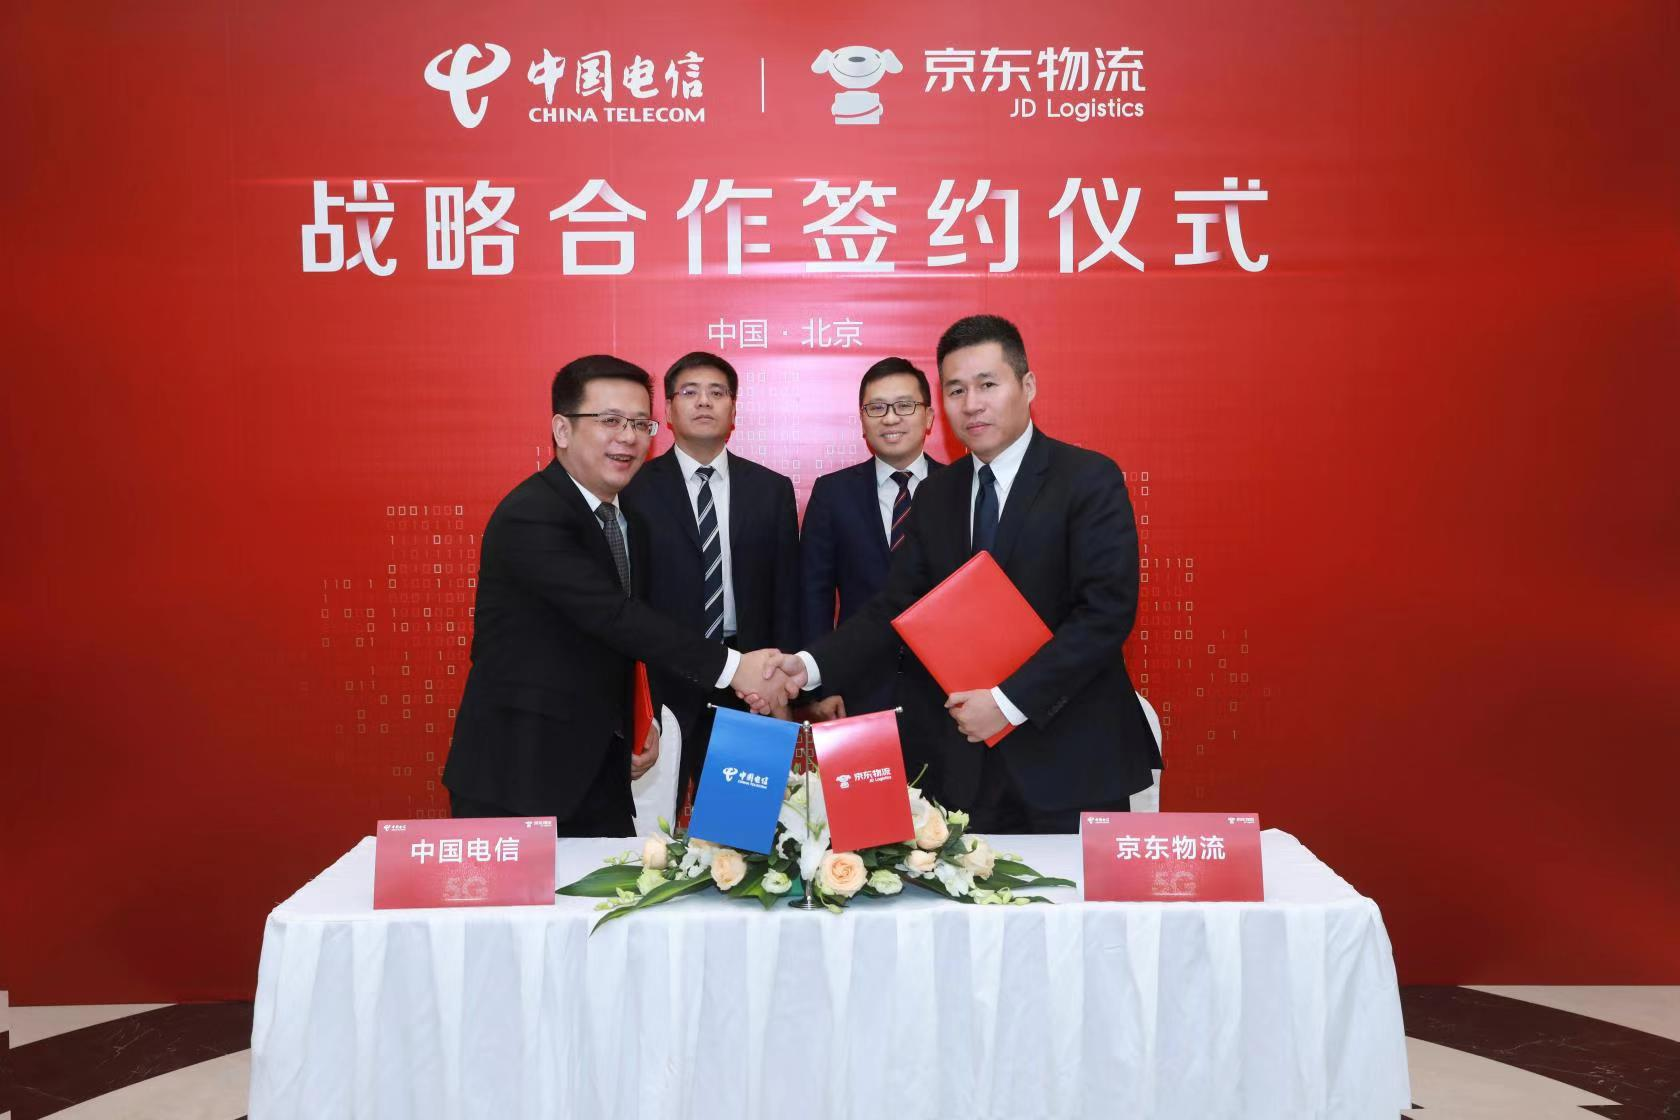 中国电信与京东物流签署战略合作协议 共推5G技术落地应用